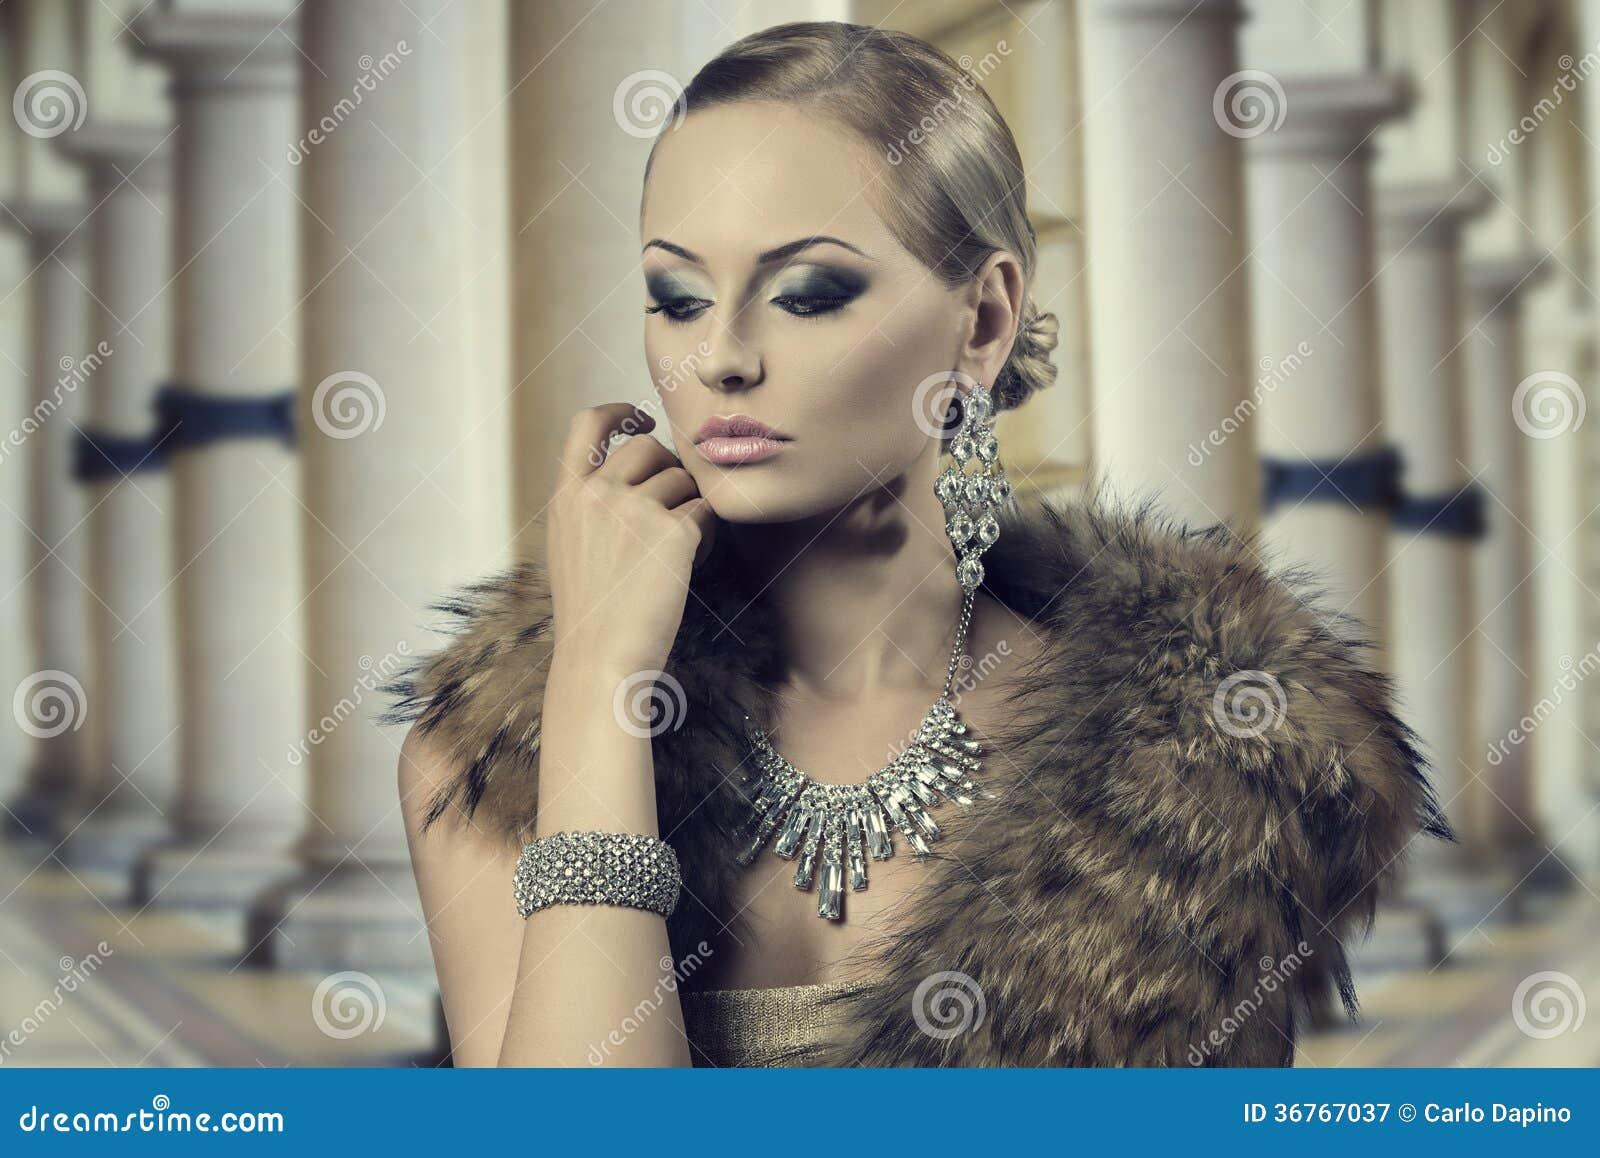 Фото роскошная женщина 19 фотография